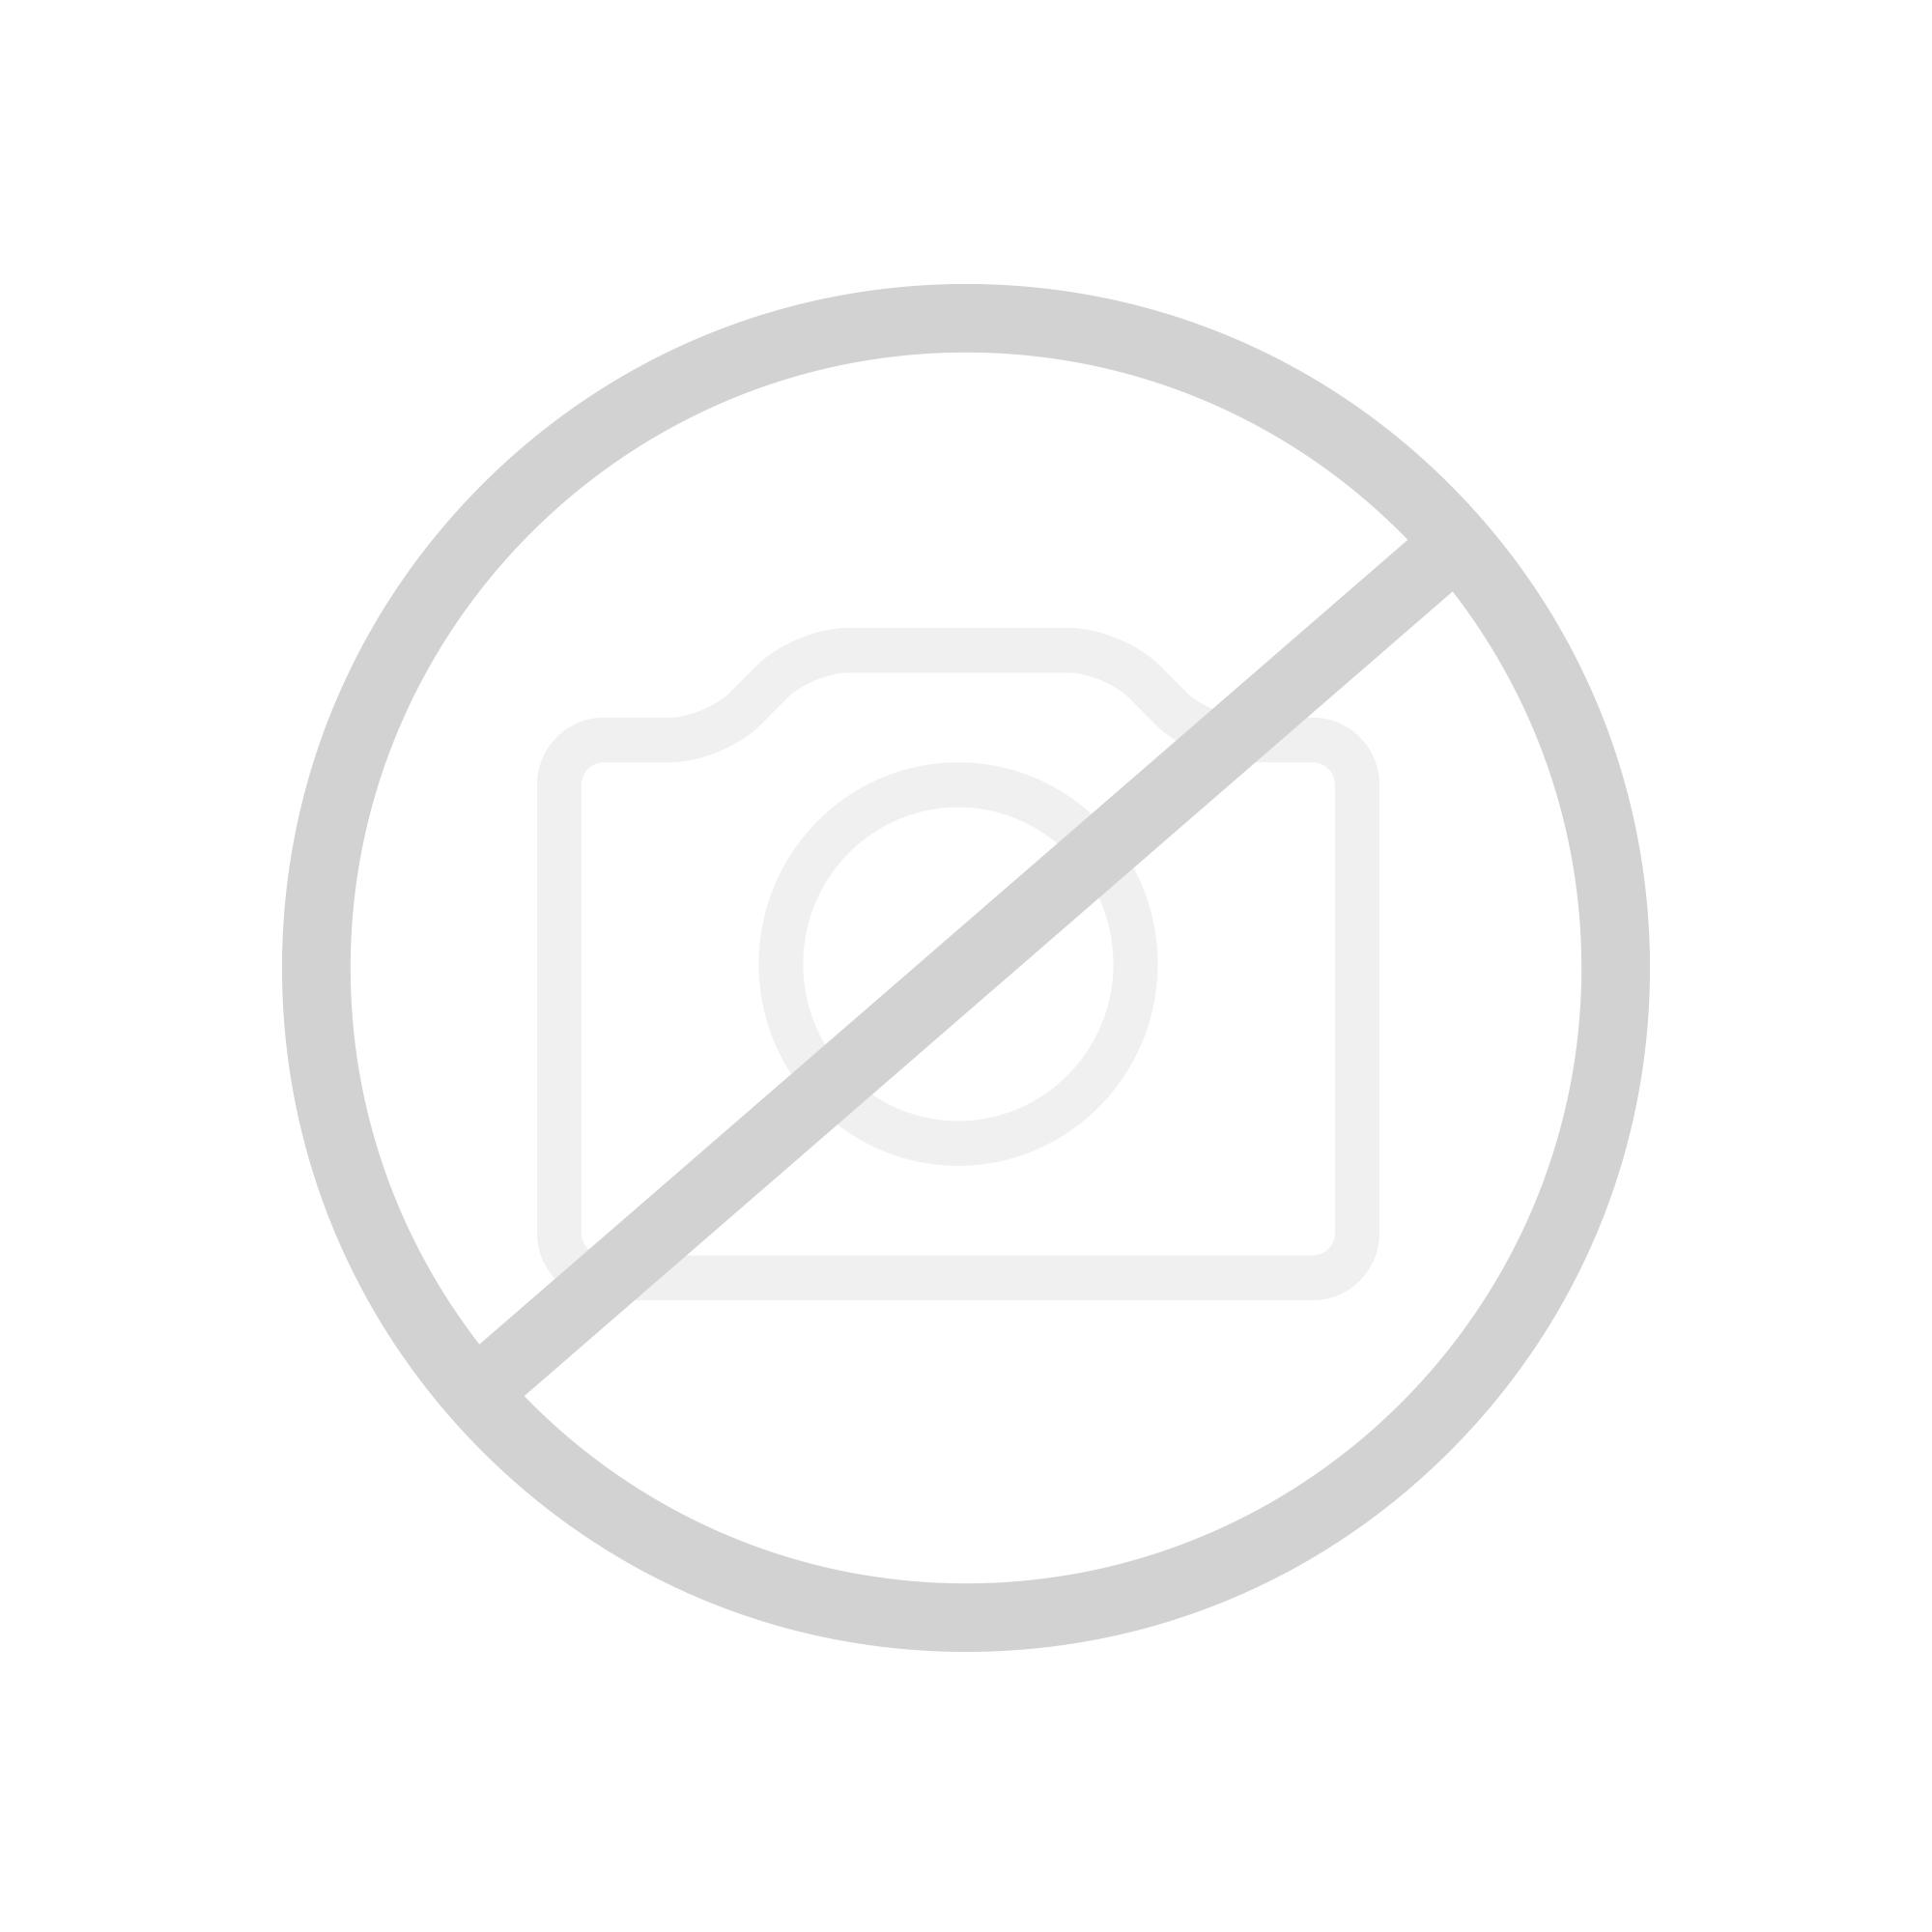 Hansgrohe Focus Elektronik-Waschtischmischer mit Temperaturregulierung, Batteriebetrieb ohne Ablaufgarnitur